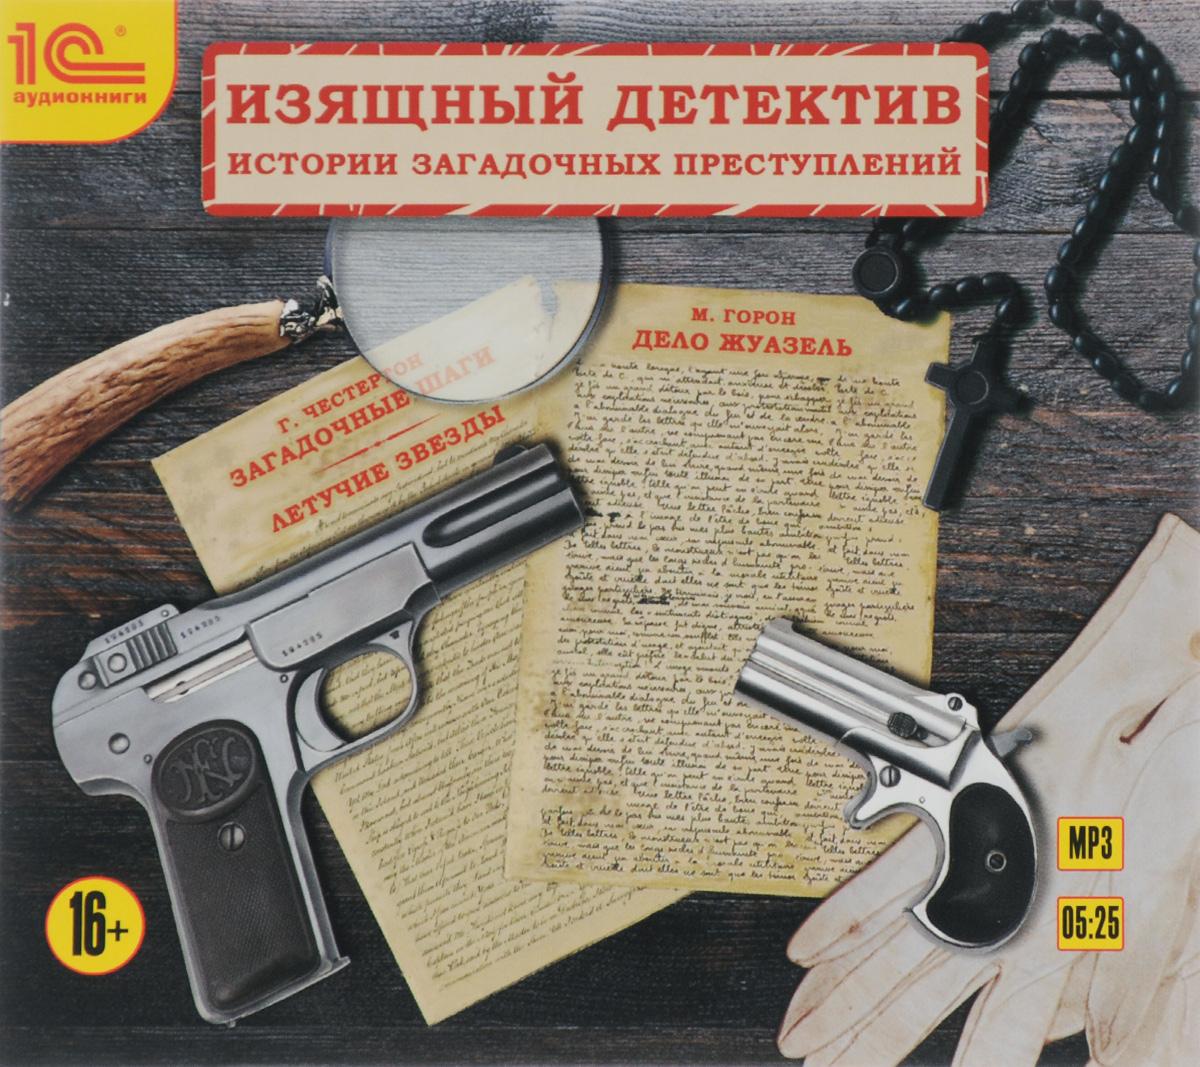 Изящный детектив. Истории загадочных преступлений (аудиокнига MP3)